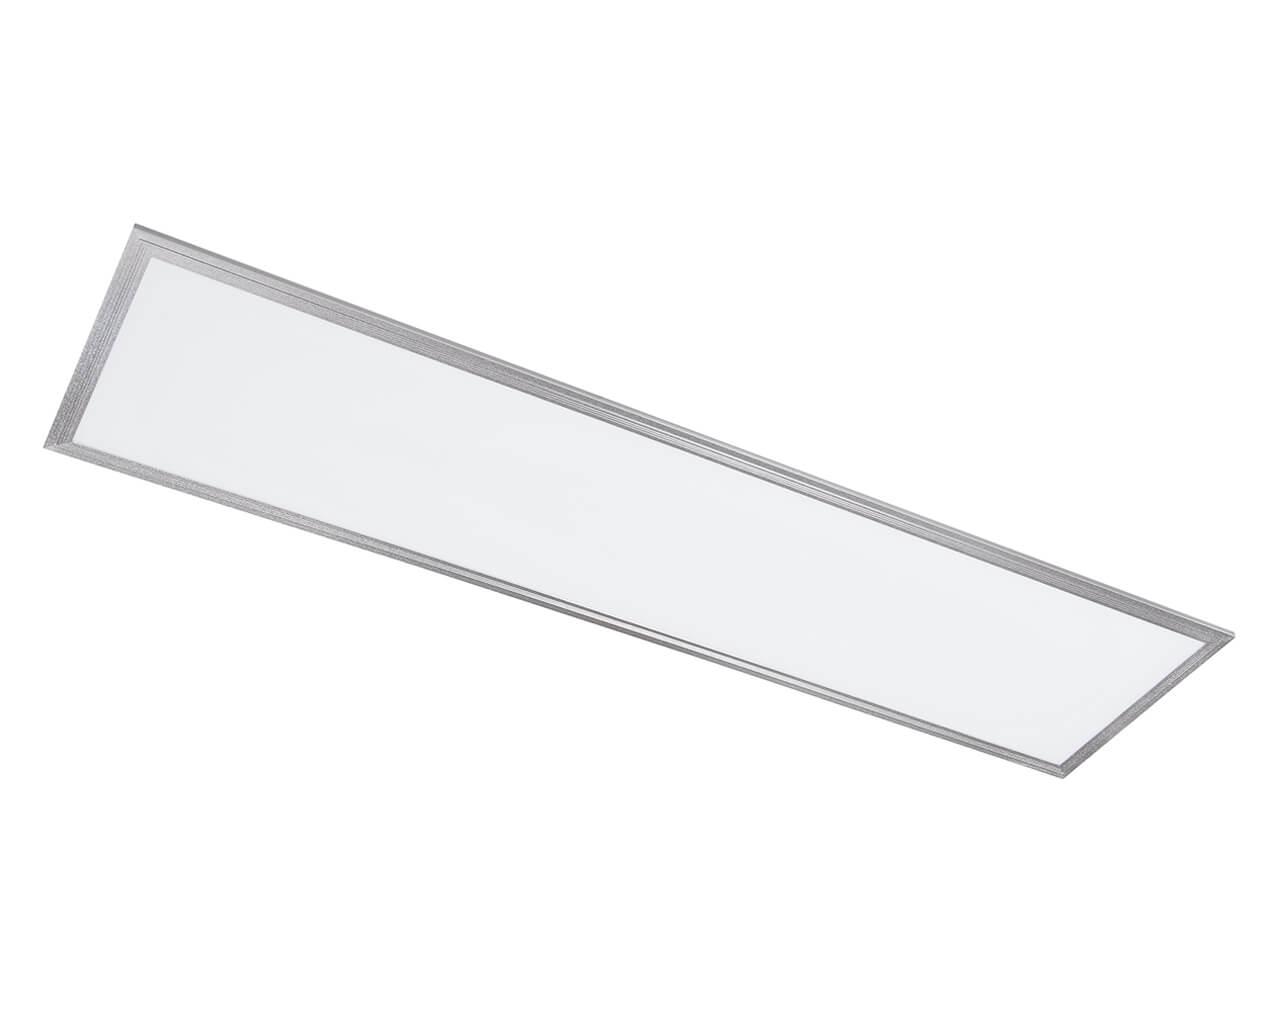 Светодиодная панель Ledcraft LC-PN-12030-38W 1200x300 38W Серый